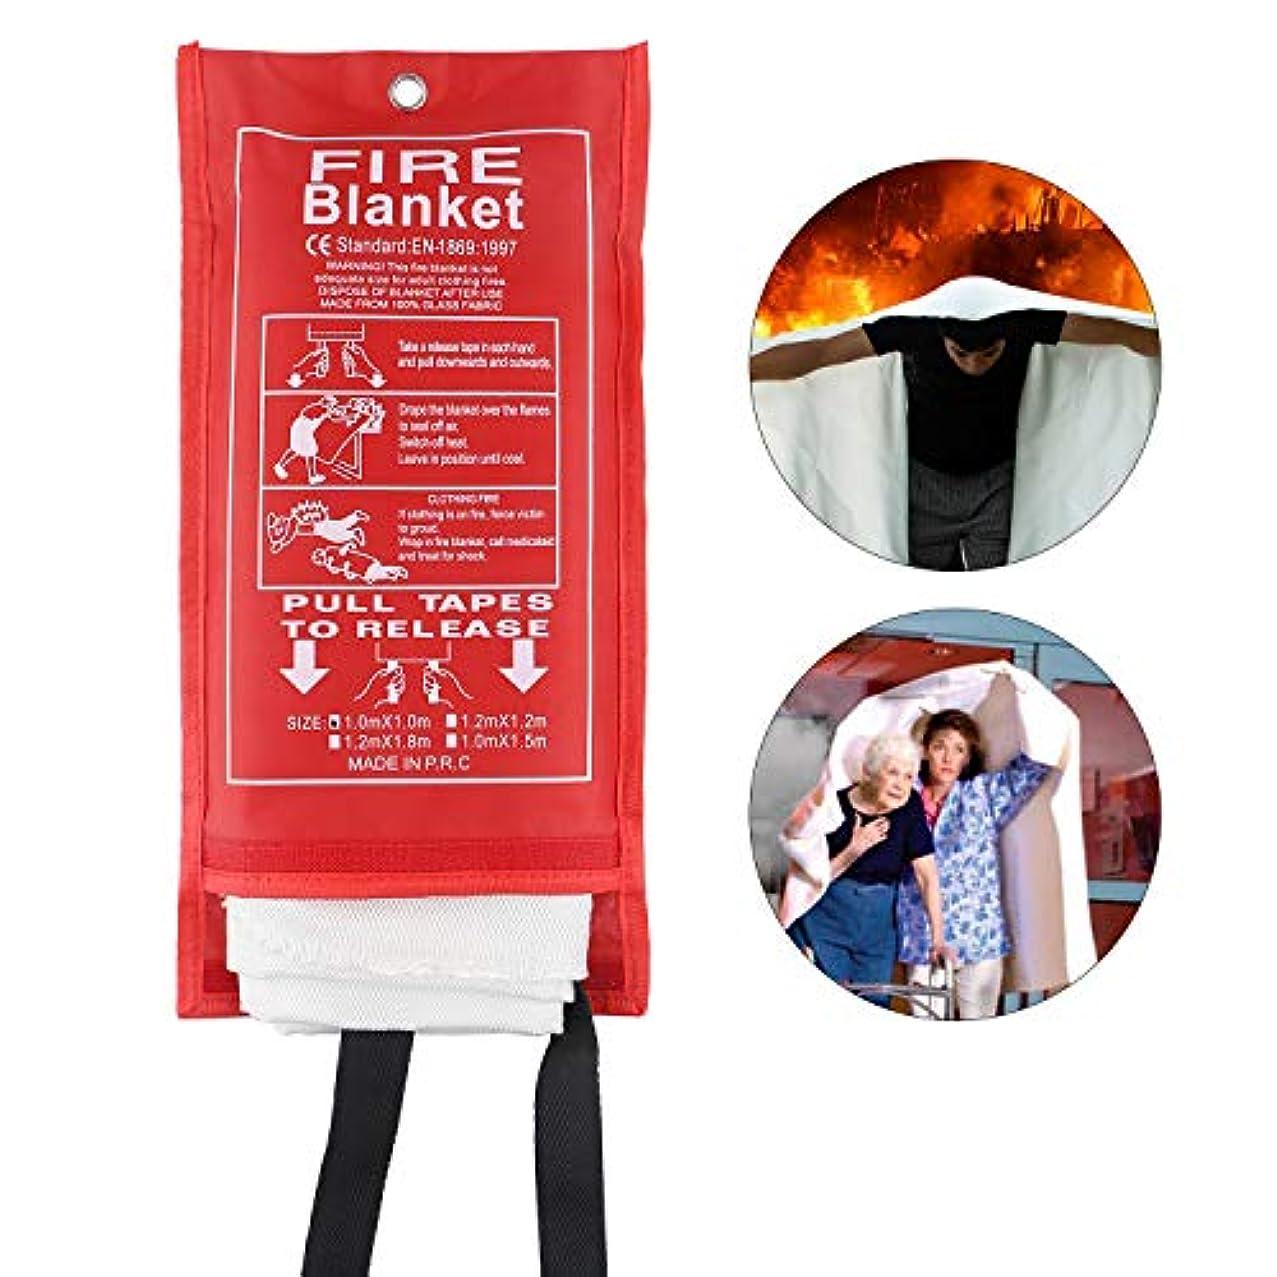 備品付けるメモ防火ブランケット 緊急 サバイバル ファイバーグラス 保護ブランケット 難燃性 断熱 安全 暖炉カバー シェルター 溶接 ブランケット 車 キッチン 暖炉 グリル キャンプ